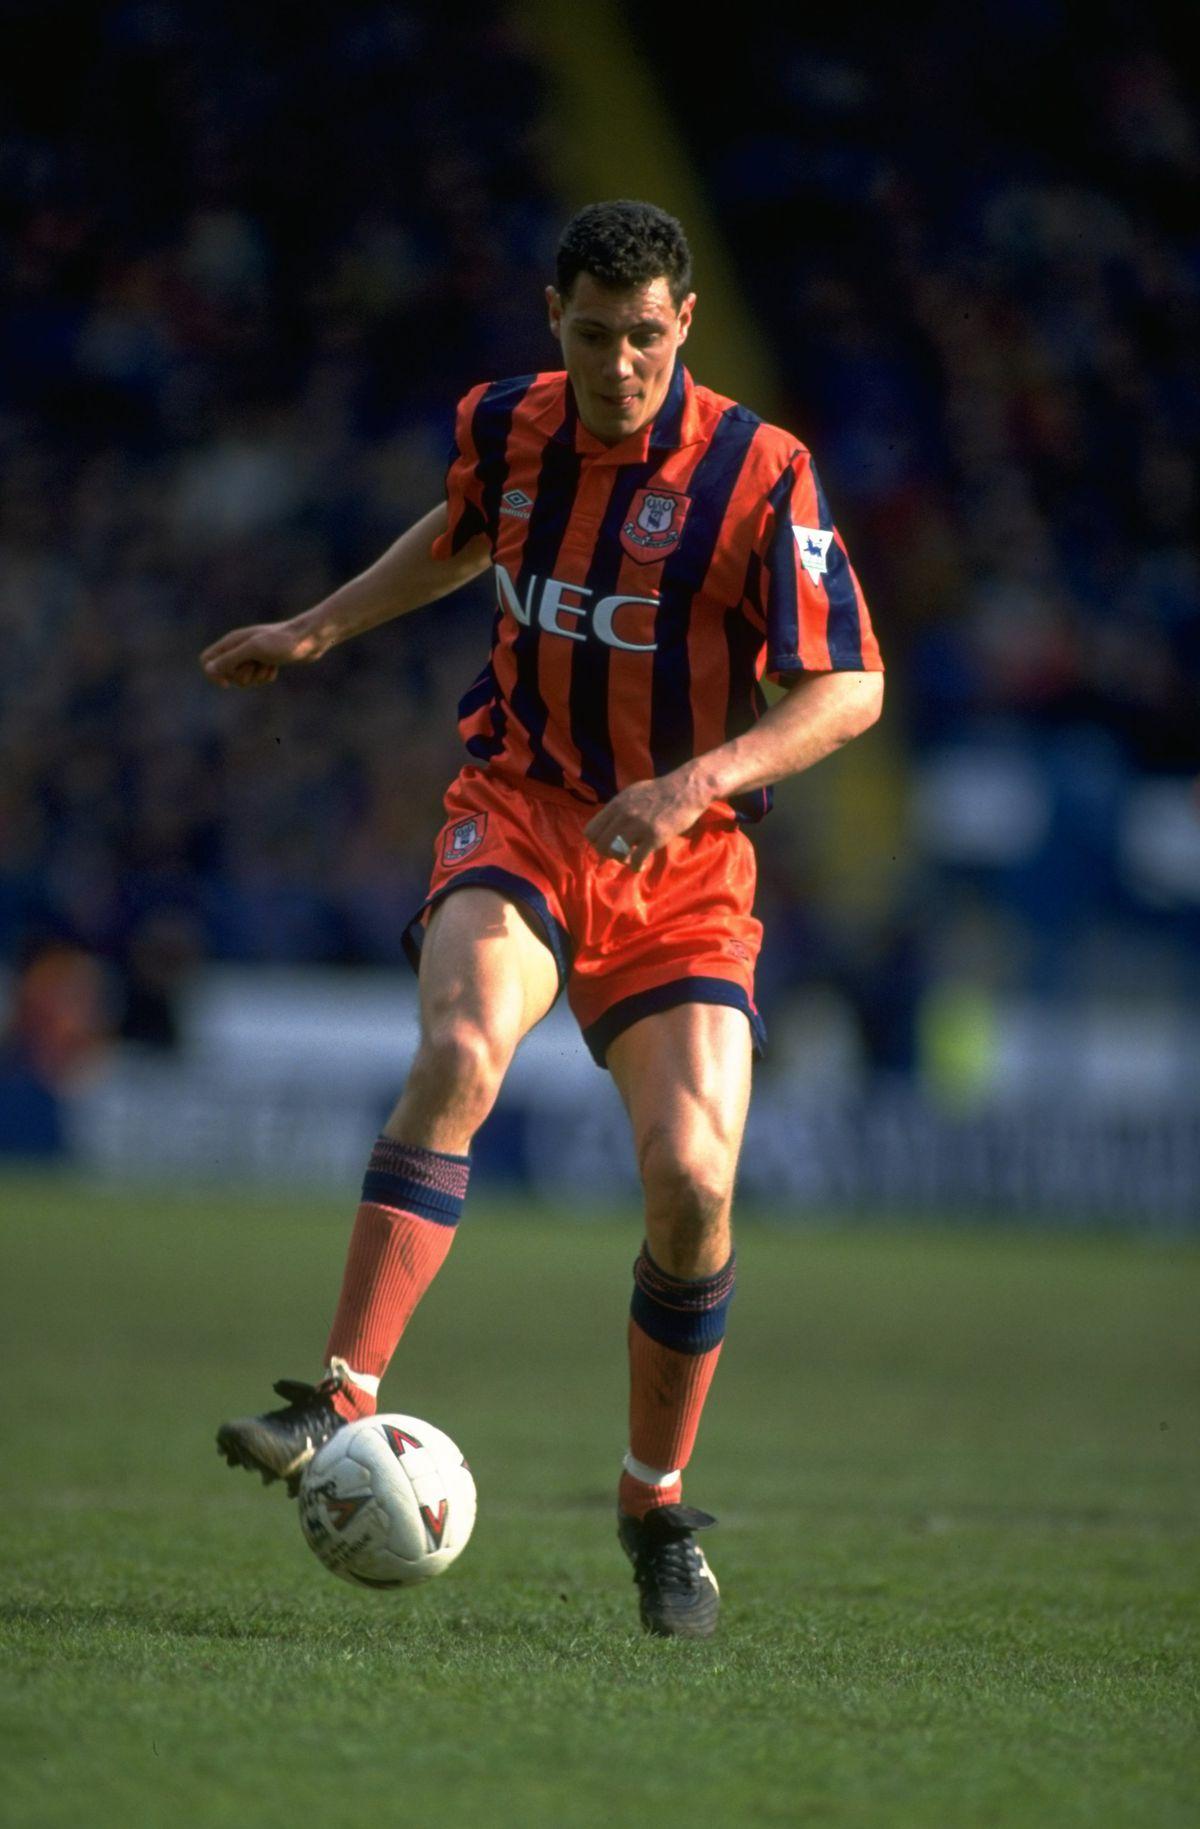 Brett Angell of Everton